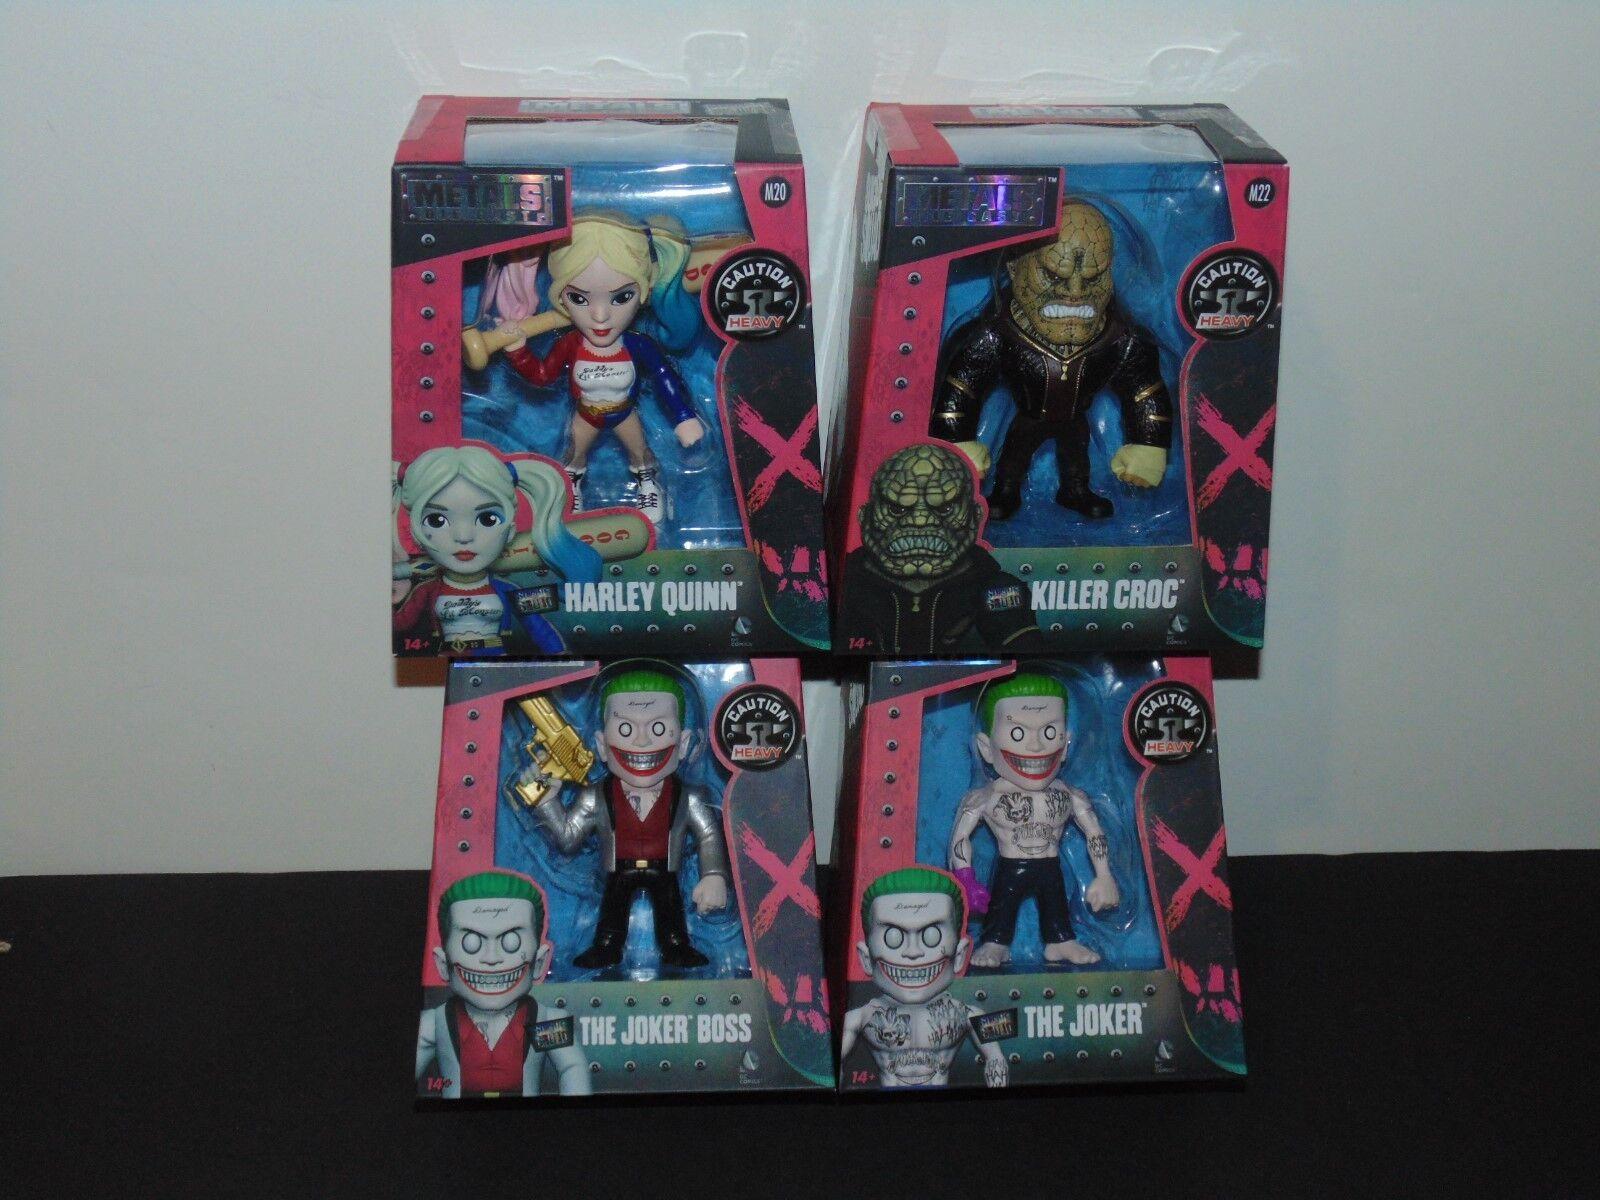 Jada Metals, Suicide Squad, Killer Croc, Joker, Joker, Joker, The Joker Boss, Harley Quinn f37237